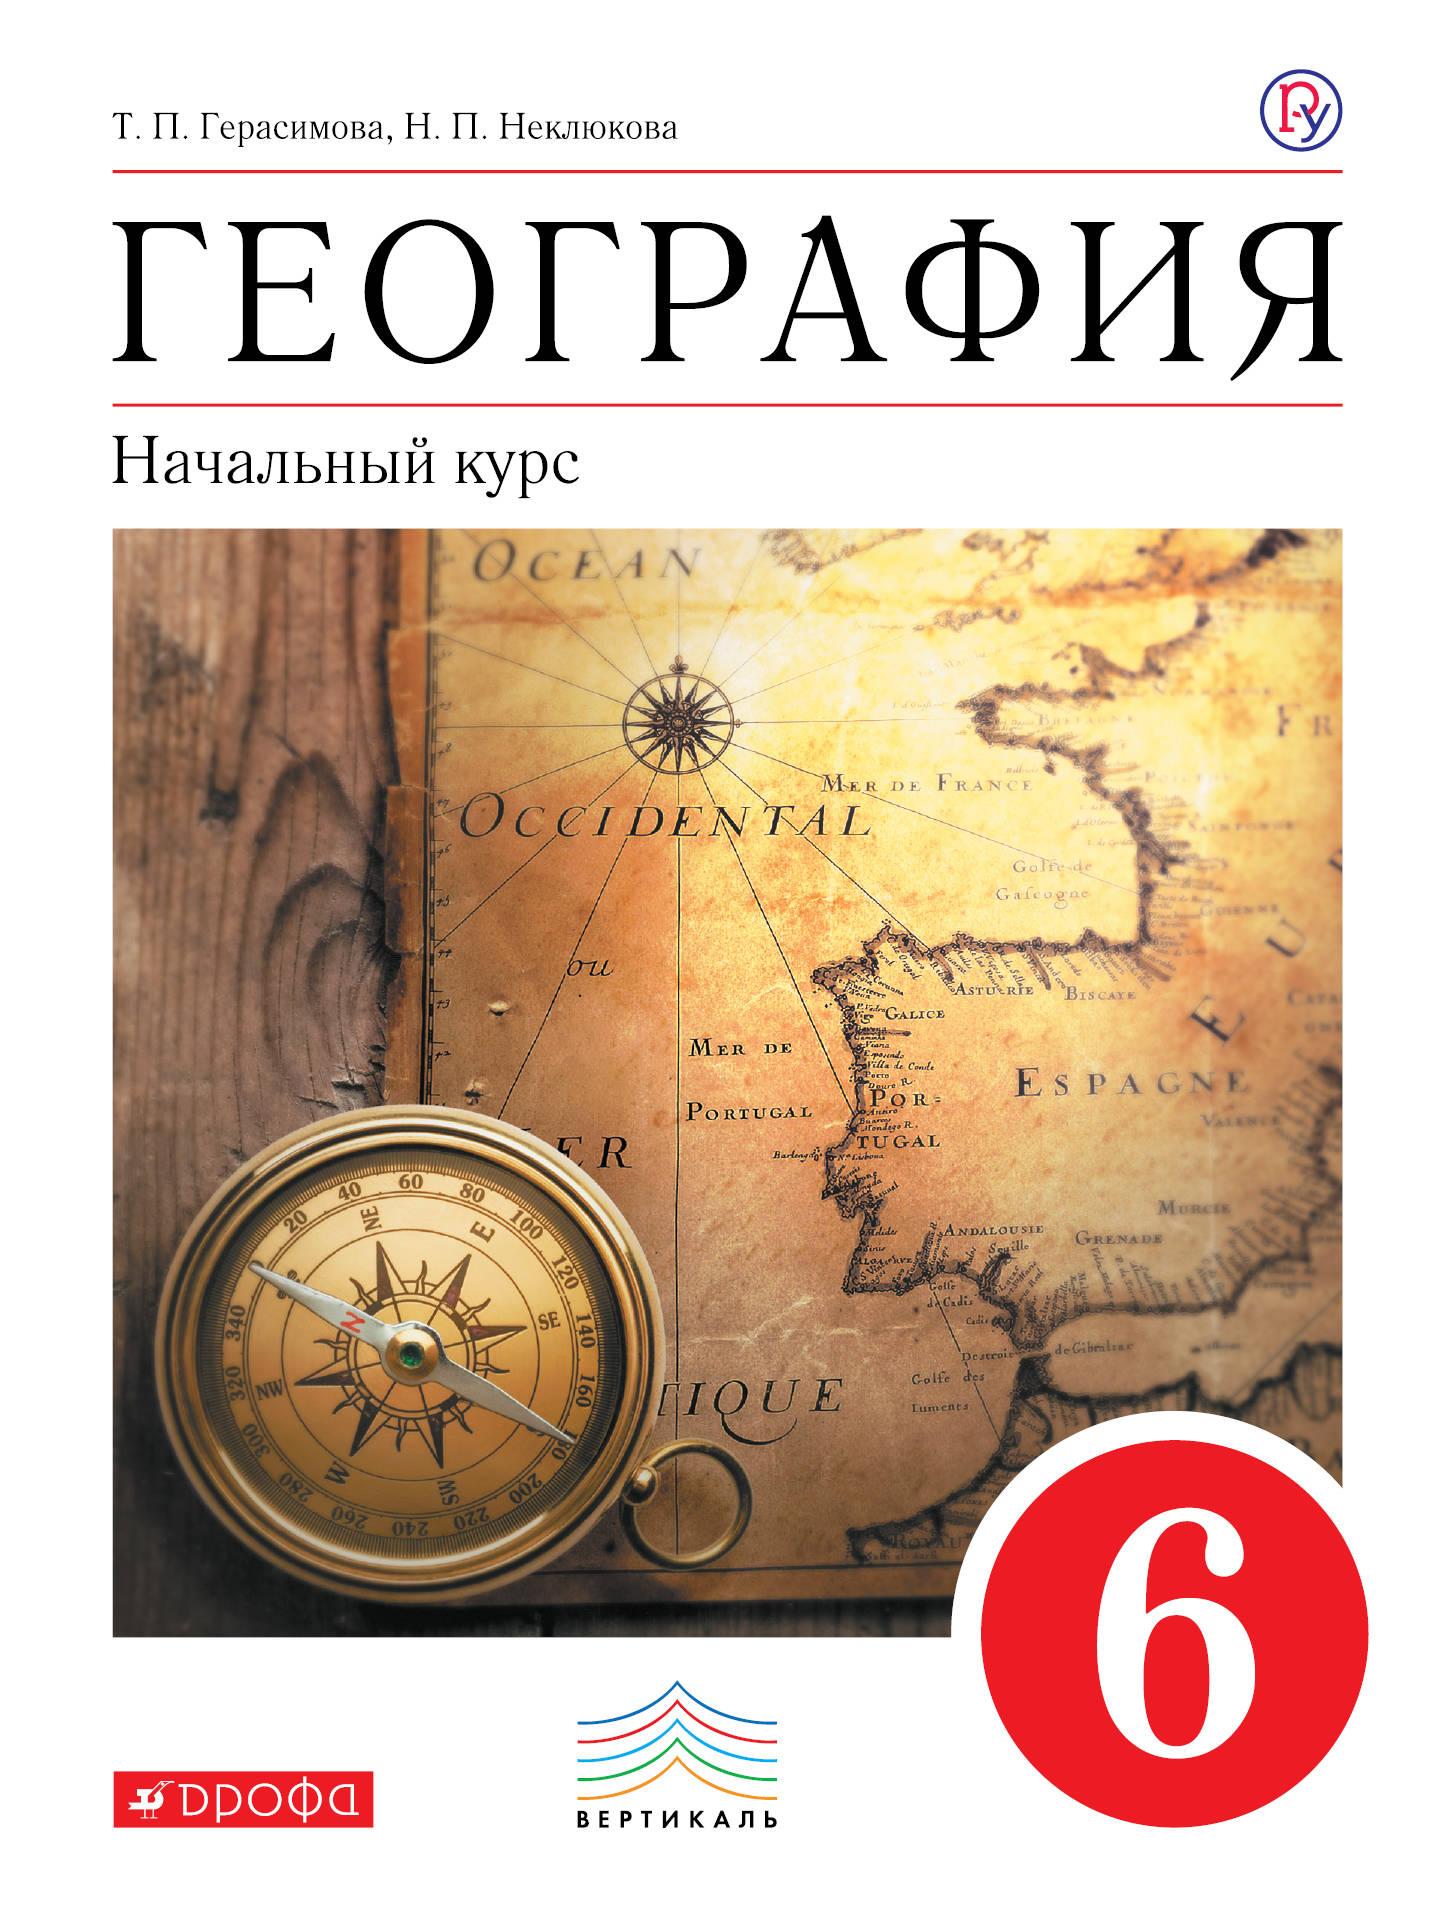 Решебник по географии 6 класса 2018г т.п.герасимова н.п.неклюкова